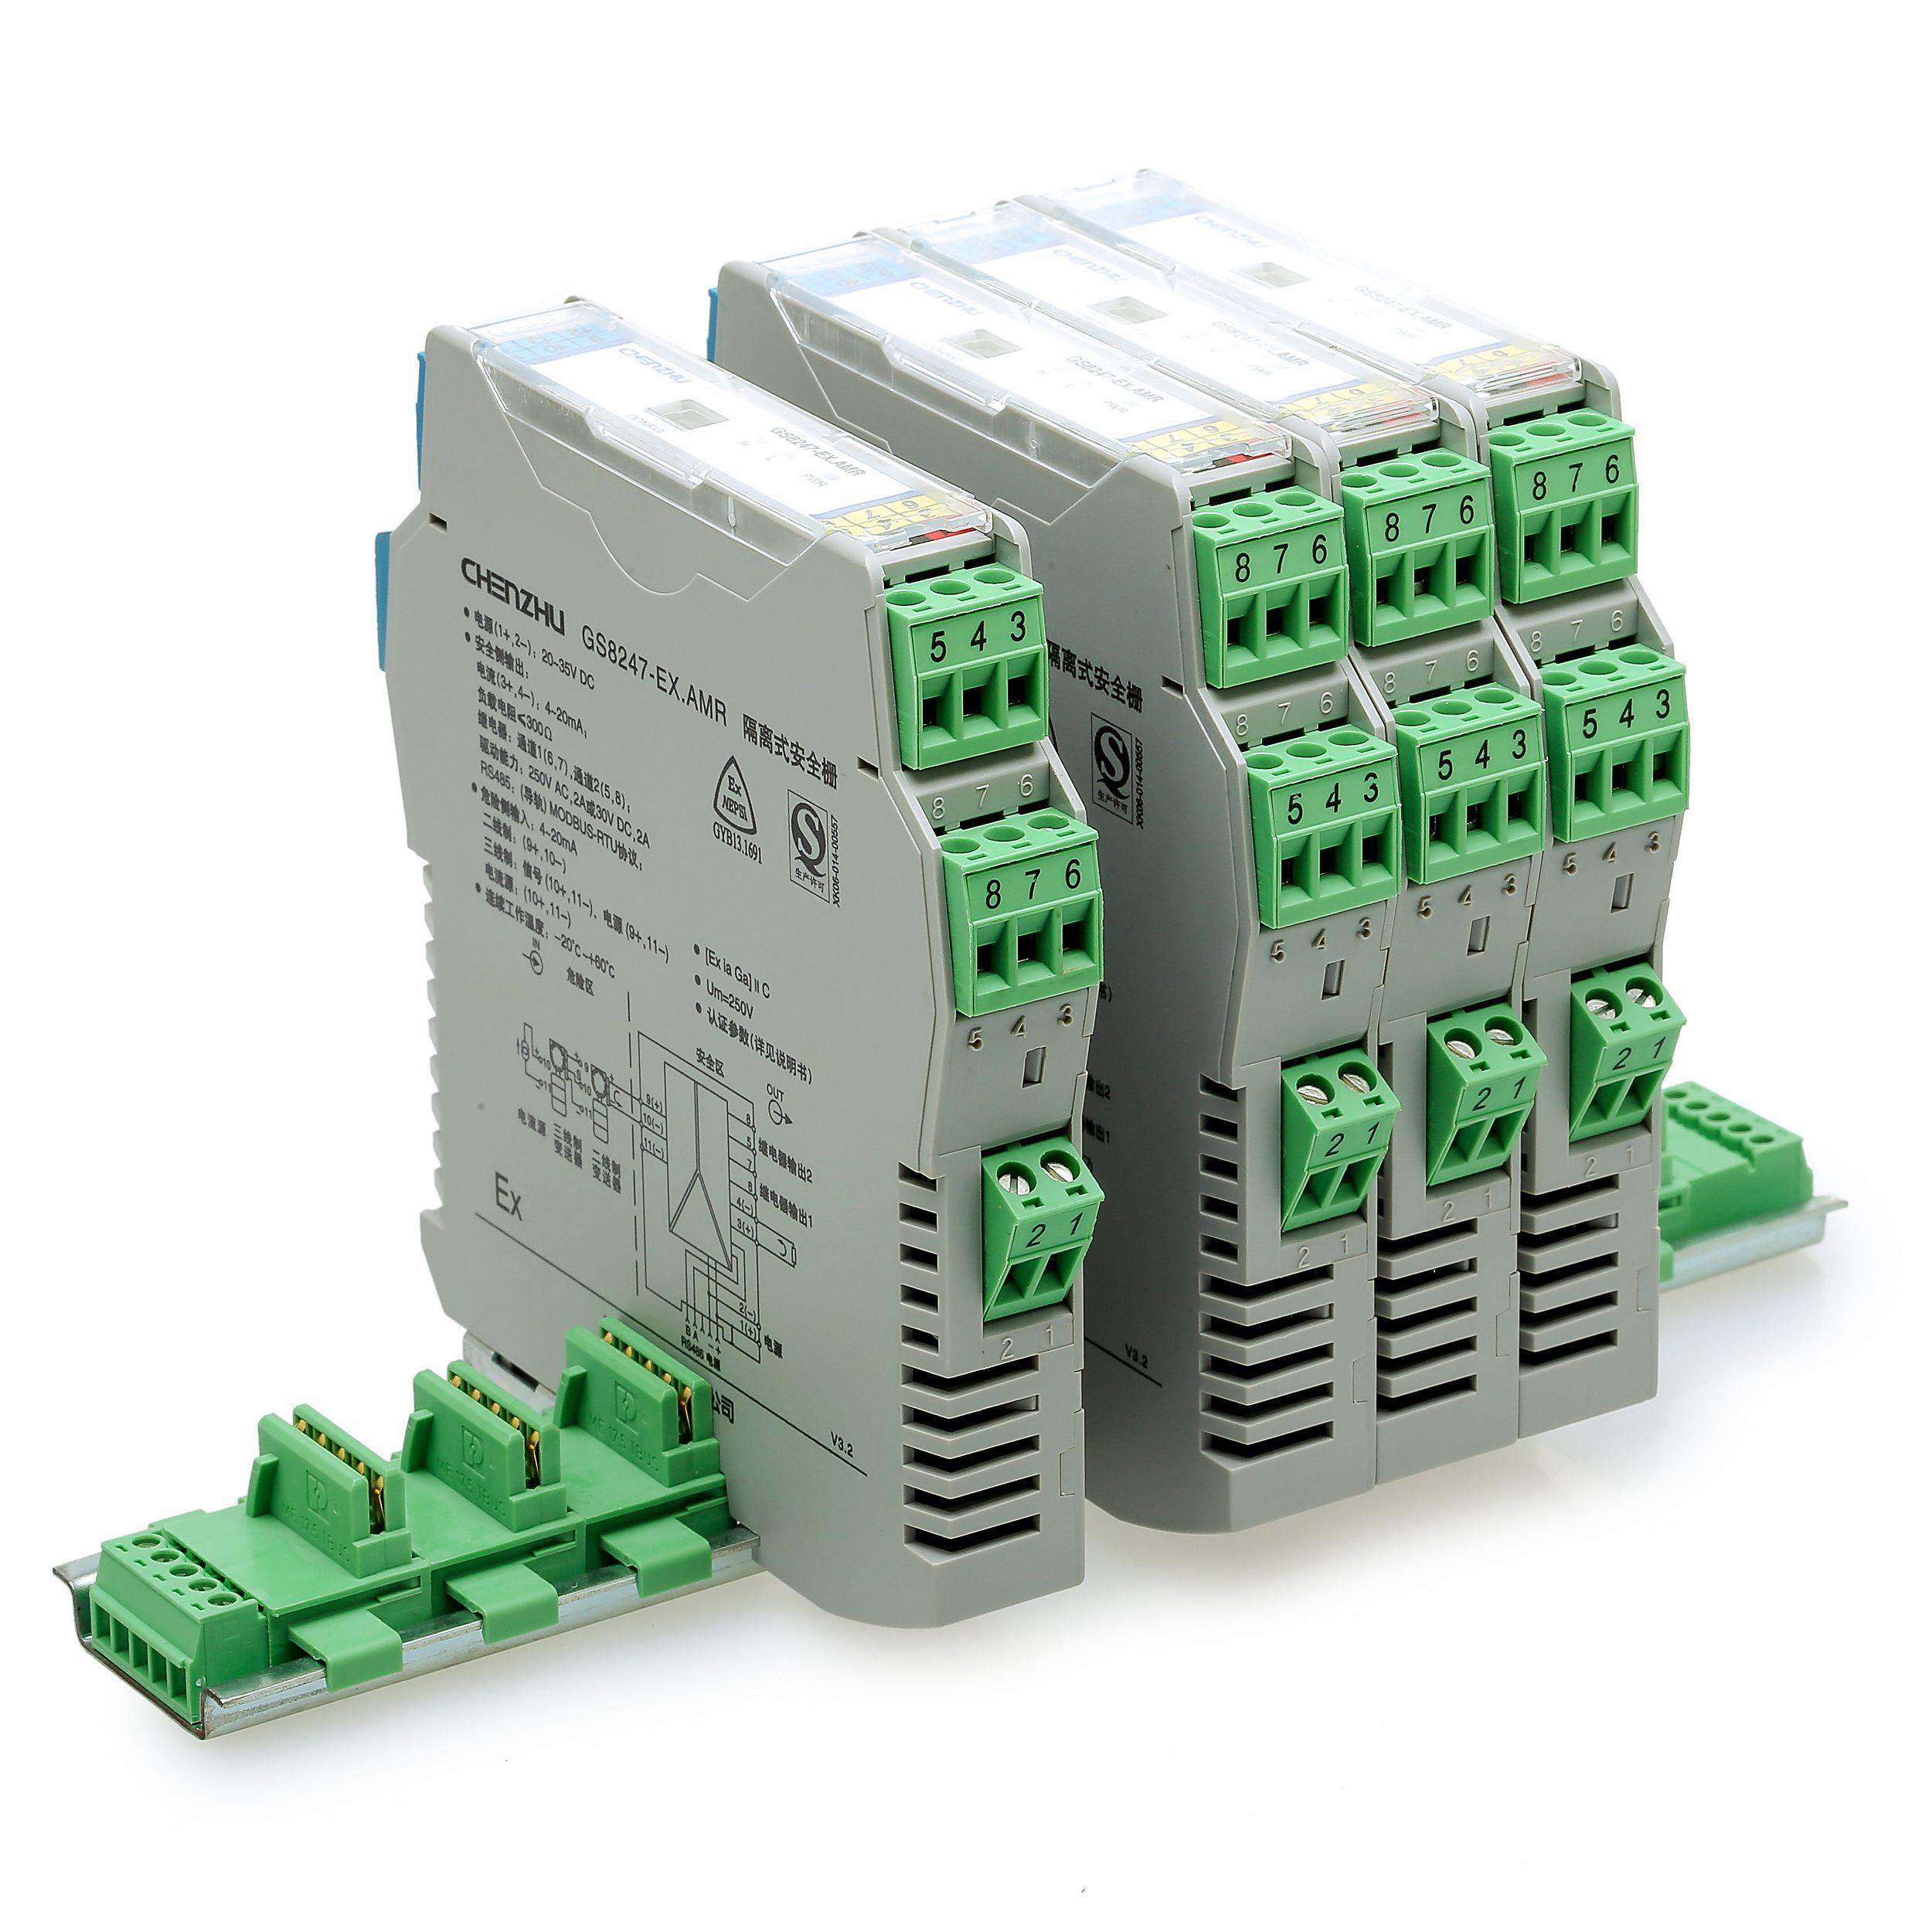 二进二出 热电偶输入隔离式安全栅